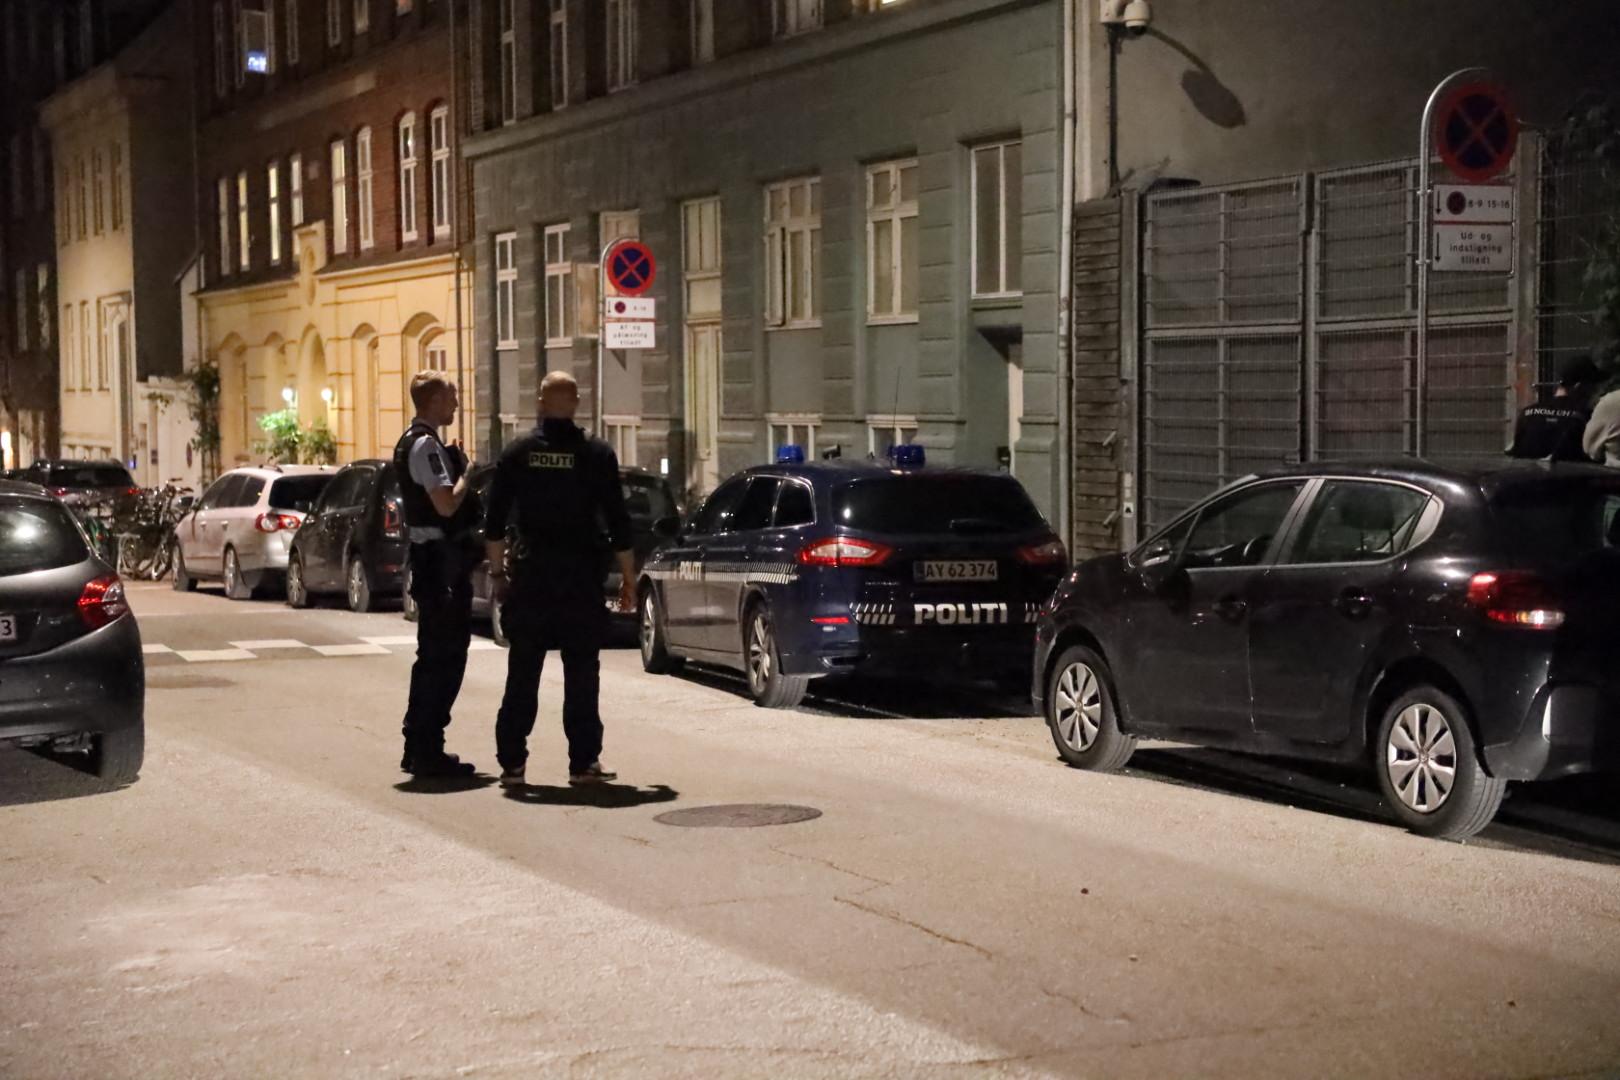 Politiaktion ved Blegdamsvejens fængsel - flere tilbageholdt